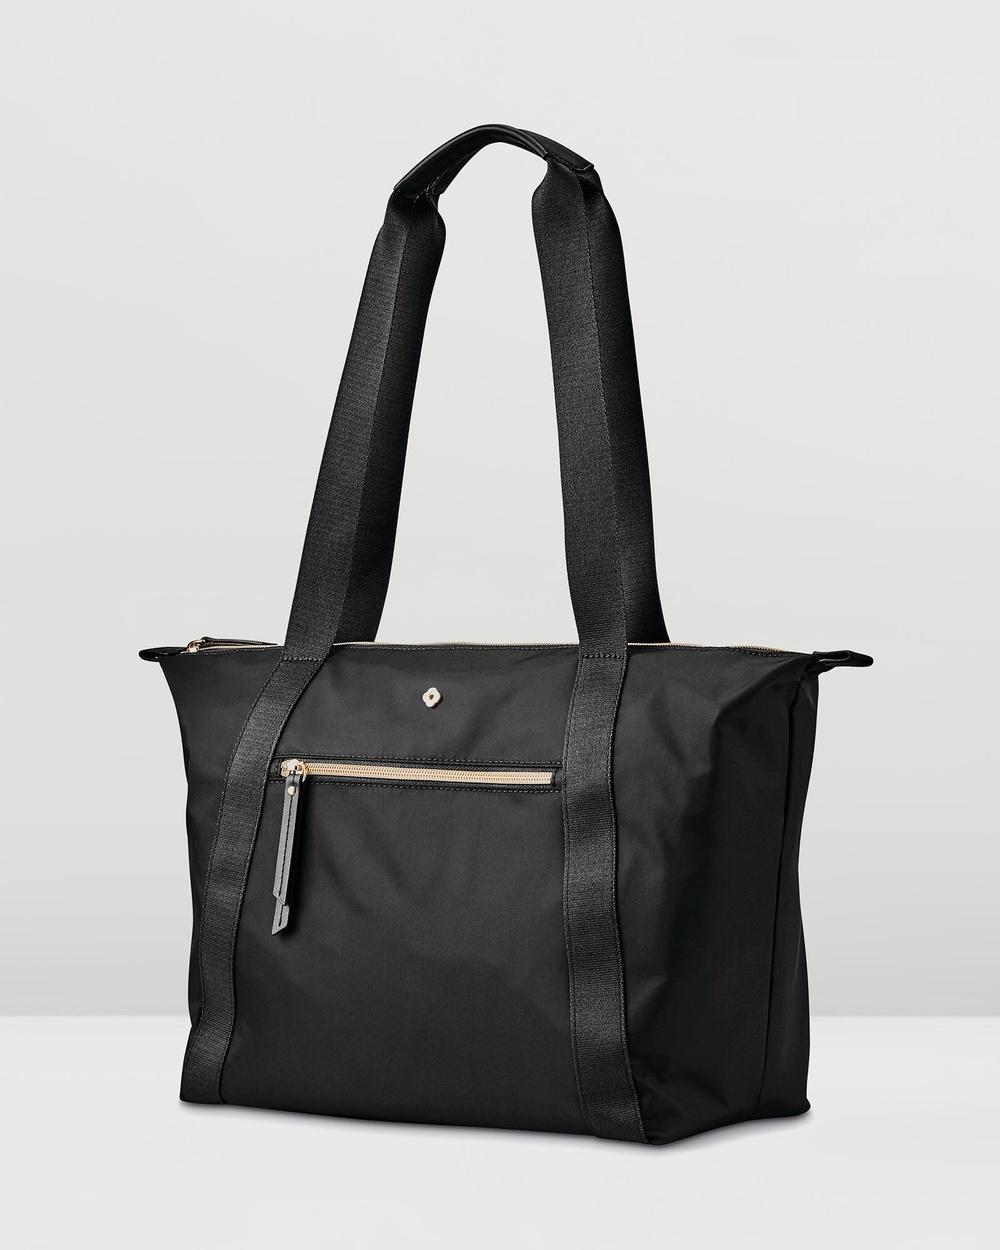 Samsonite Mobile Solution Classic Carryall Bags Black